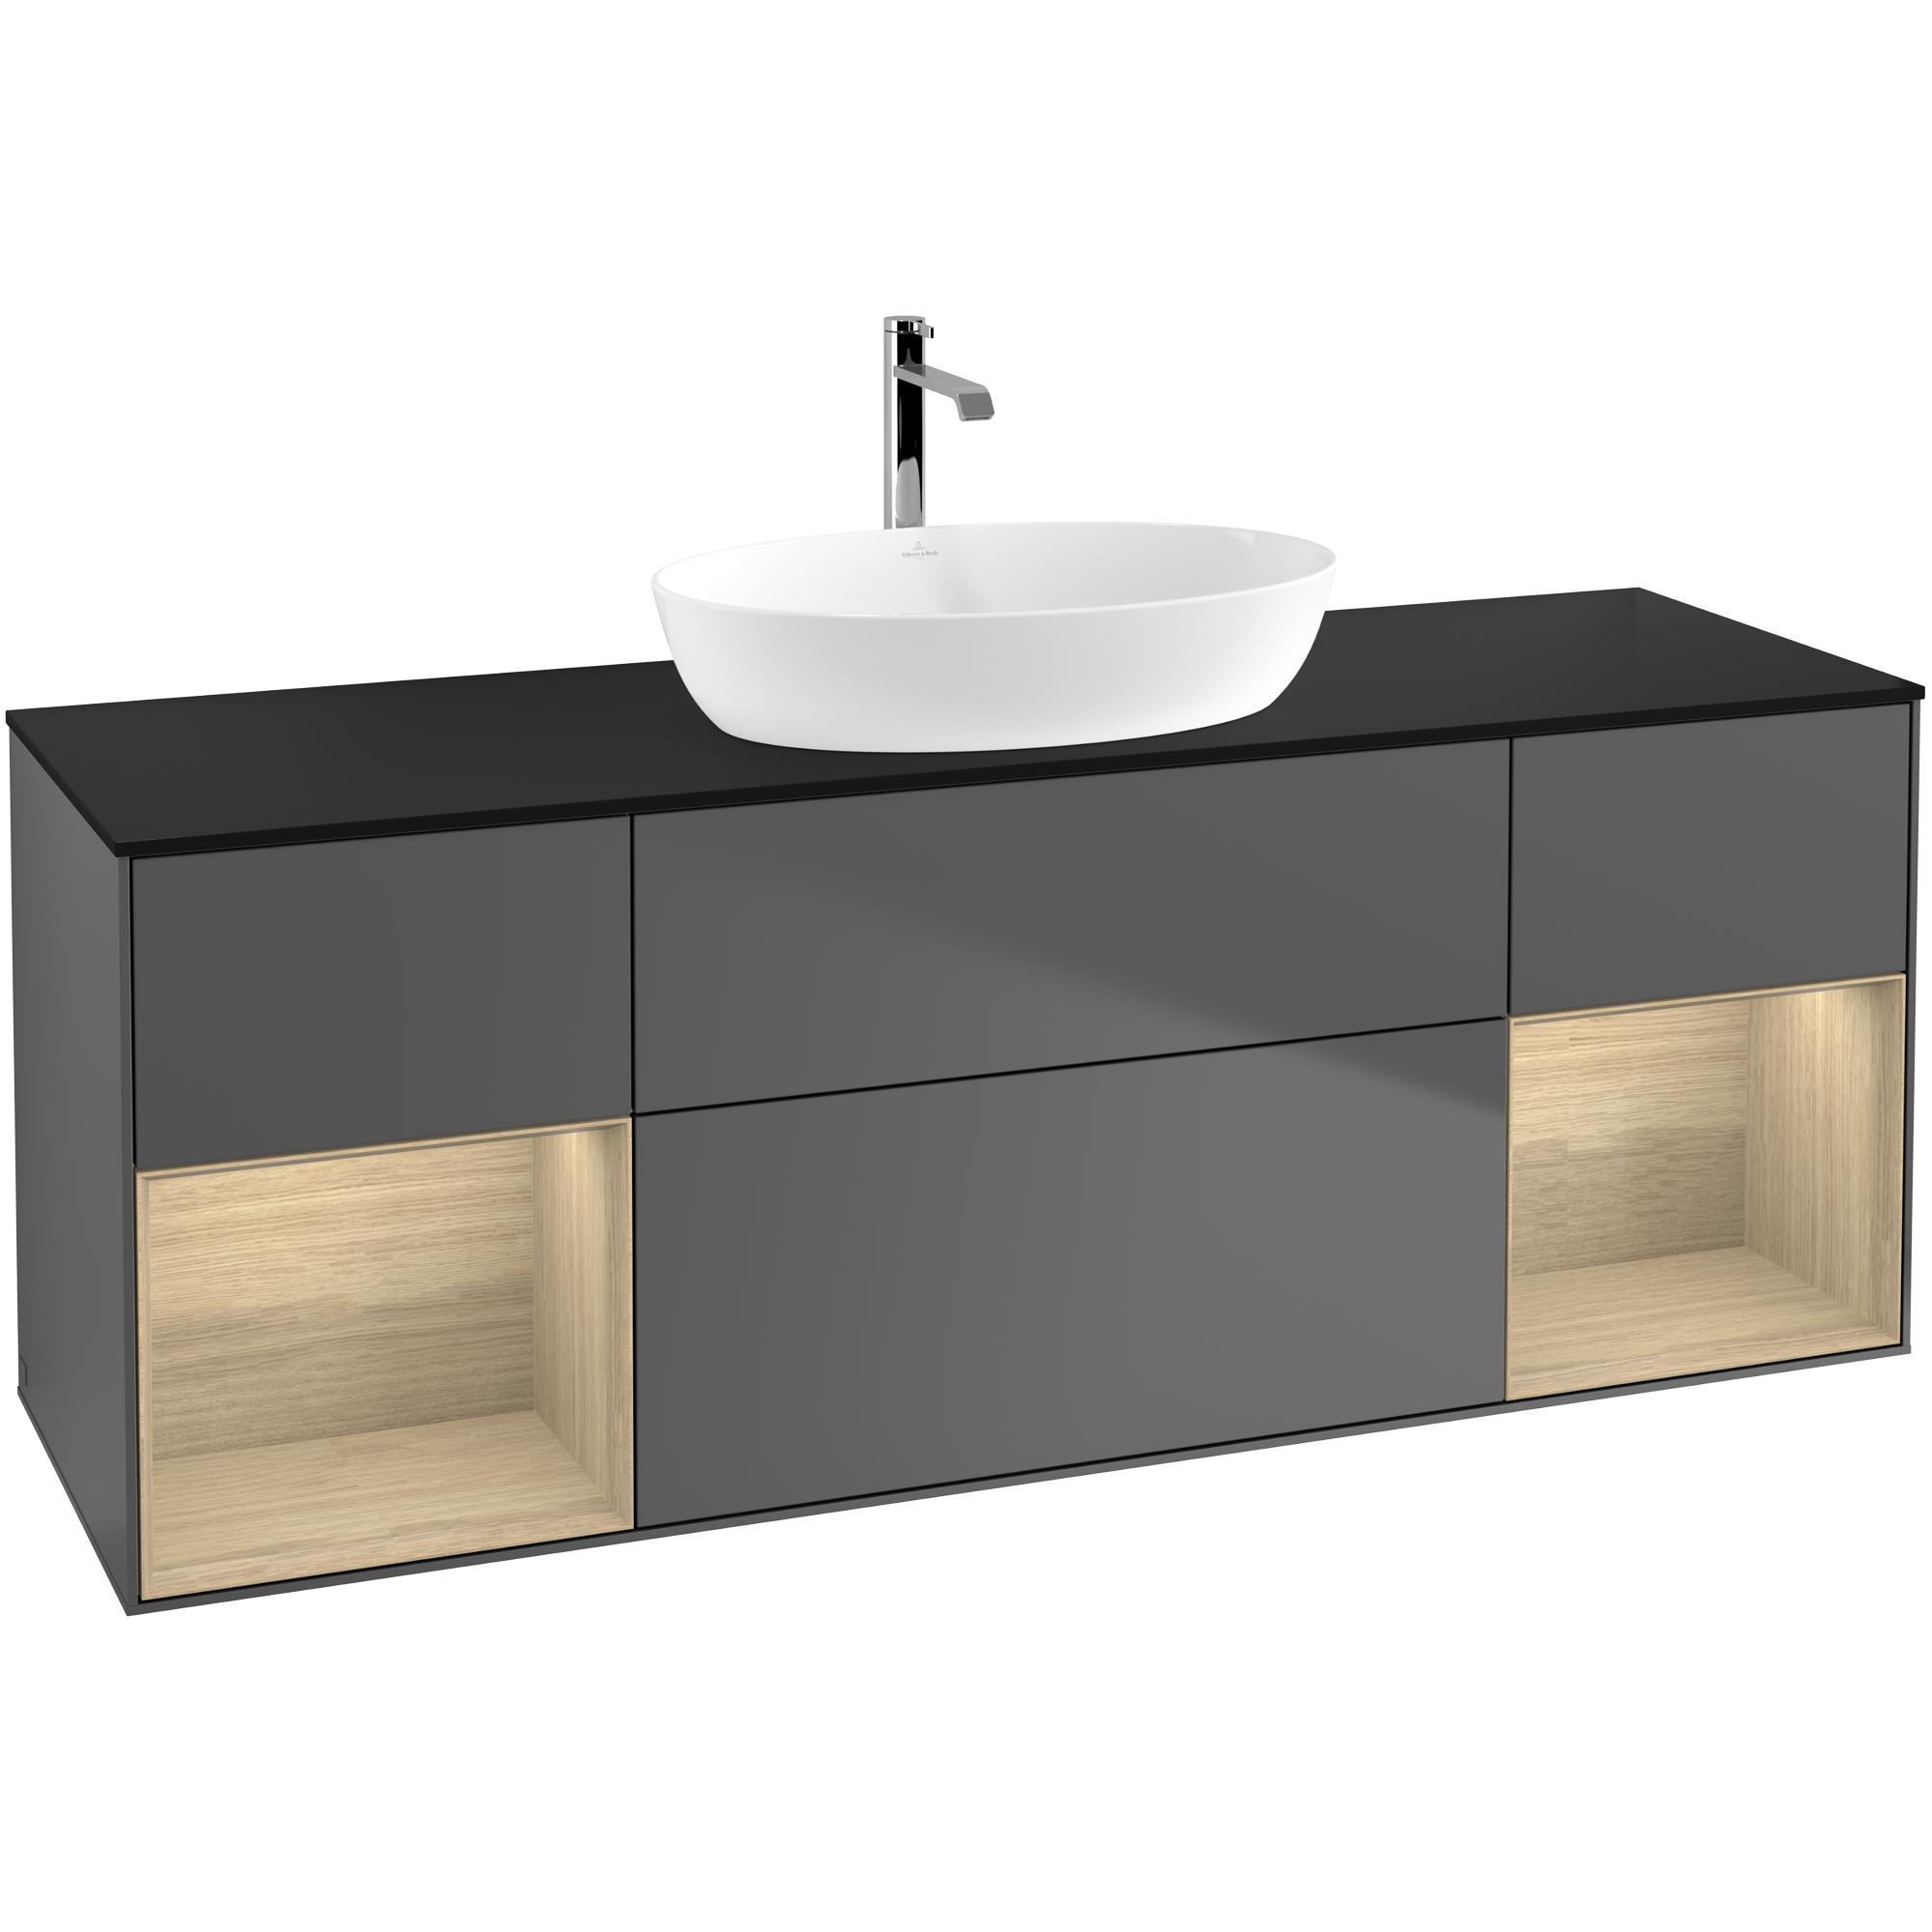 Tvättställsskåp Villeroy & Boch Finion med Två Hyllor och Bänkskiva för Fristående Tvättställ från Artis & Collaro